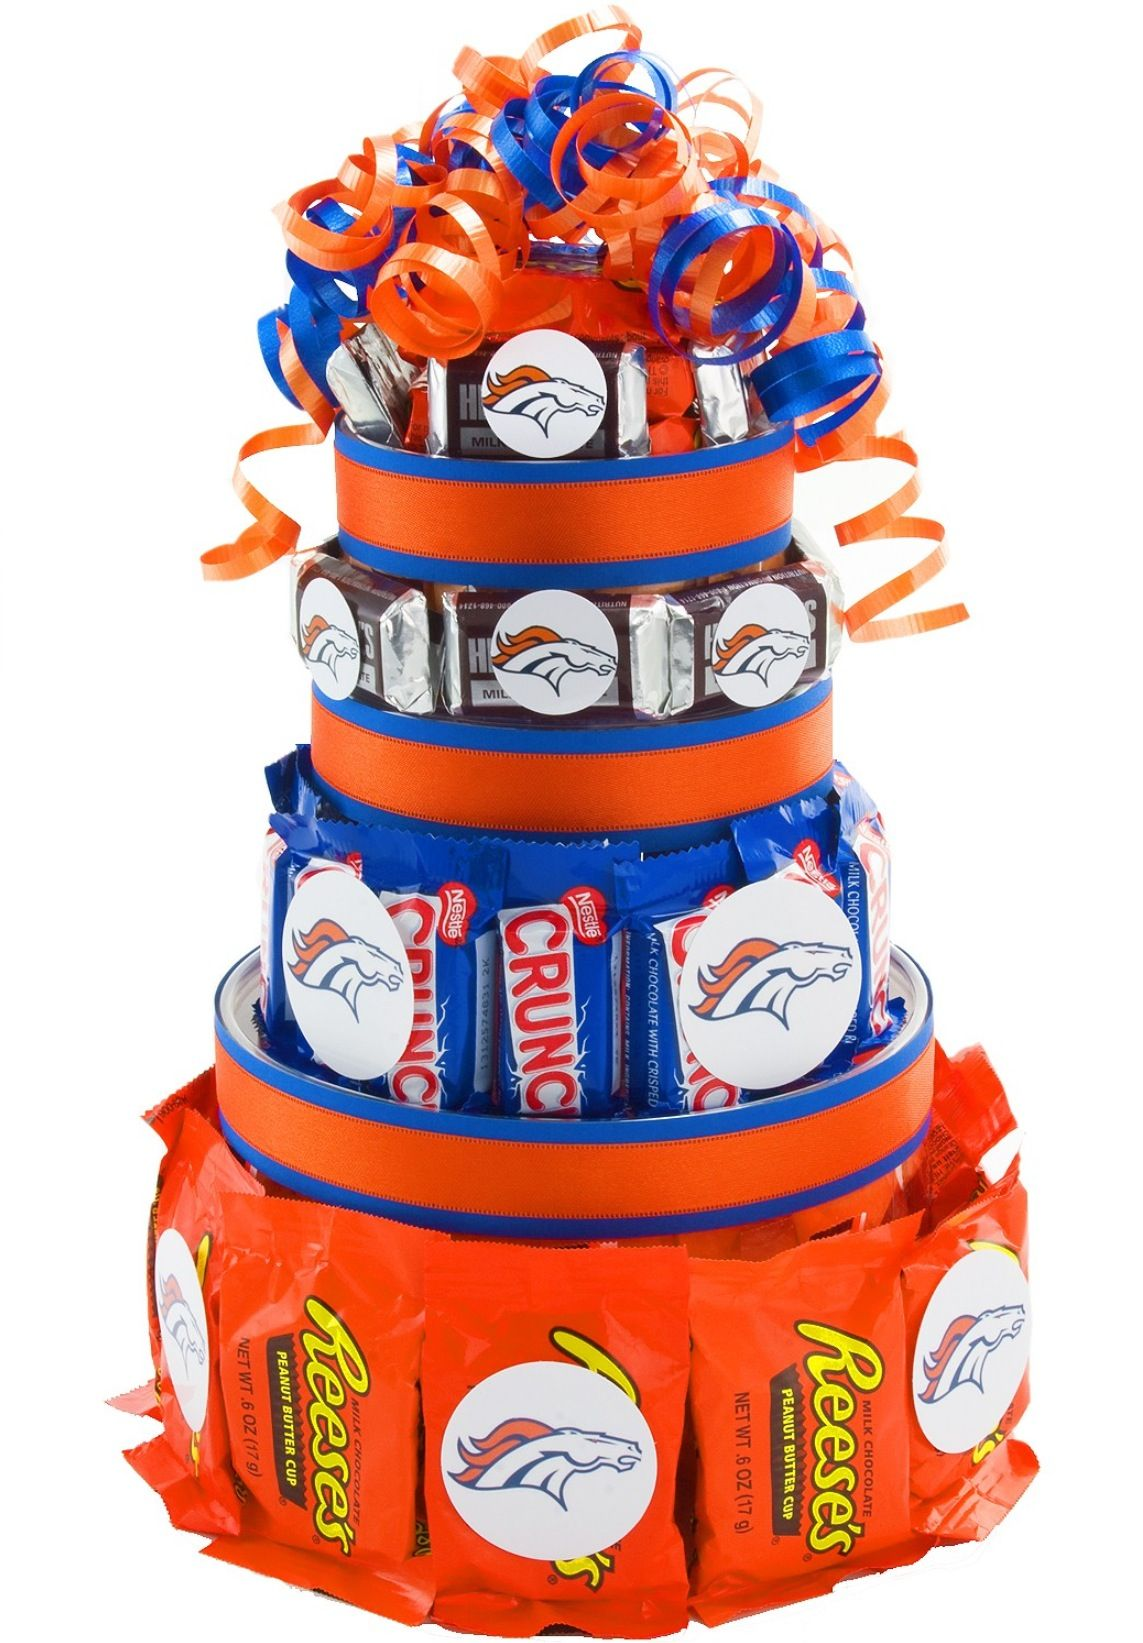 bronco candy cake!  Go Denver broncos!!! ~ 183647_Birthday Party Ideas Denver